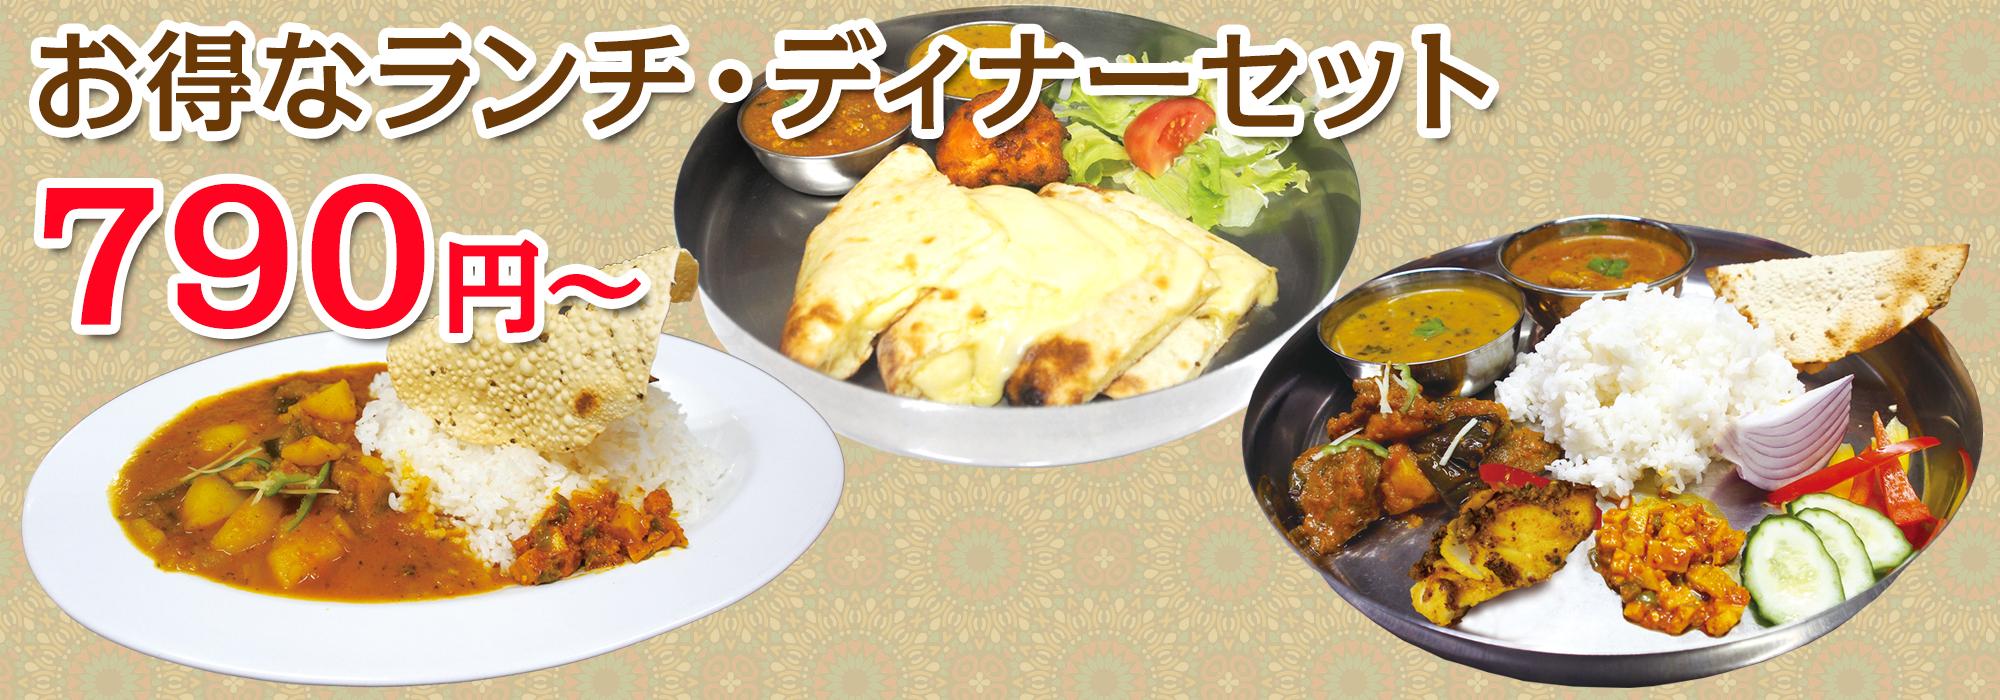 お得なランチ・ディナーセット 790円~